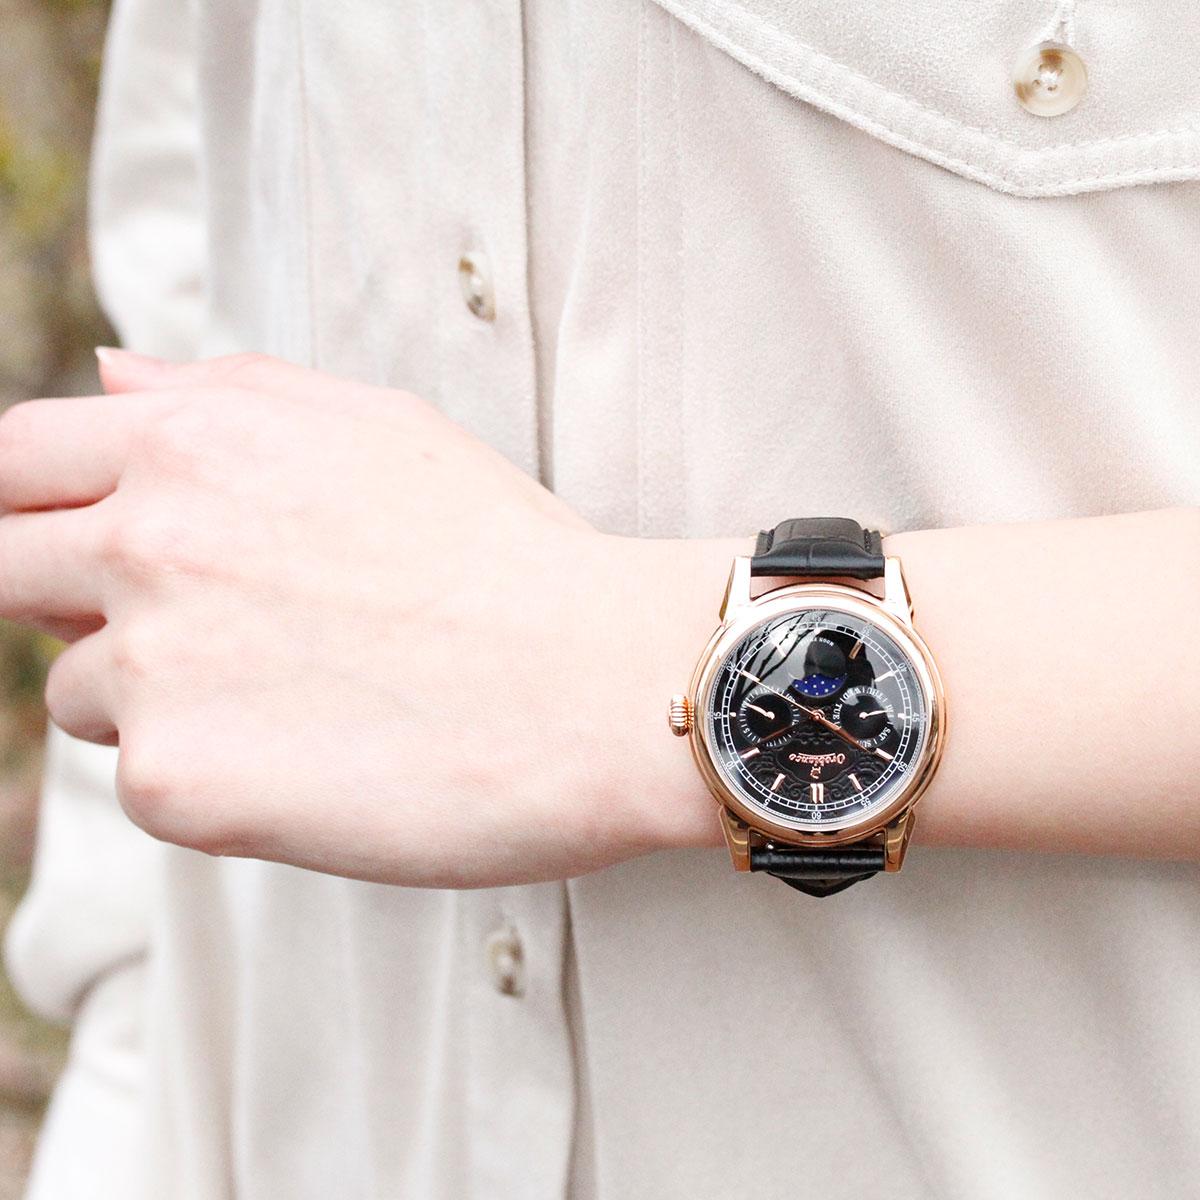 オロビアンコ 時計 メンズ Orobianco 腕時計 ビアンコネーロ BIANCONERO OR0074-33